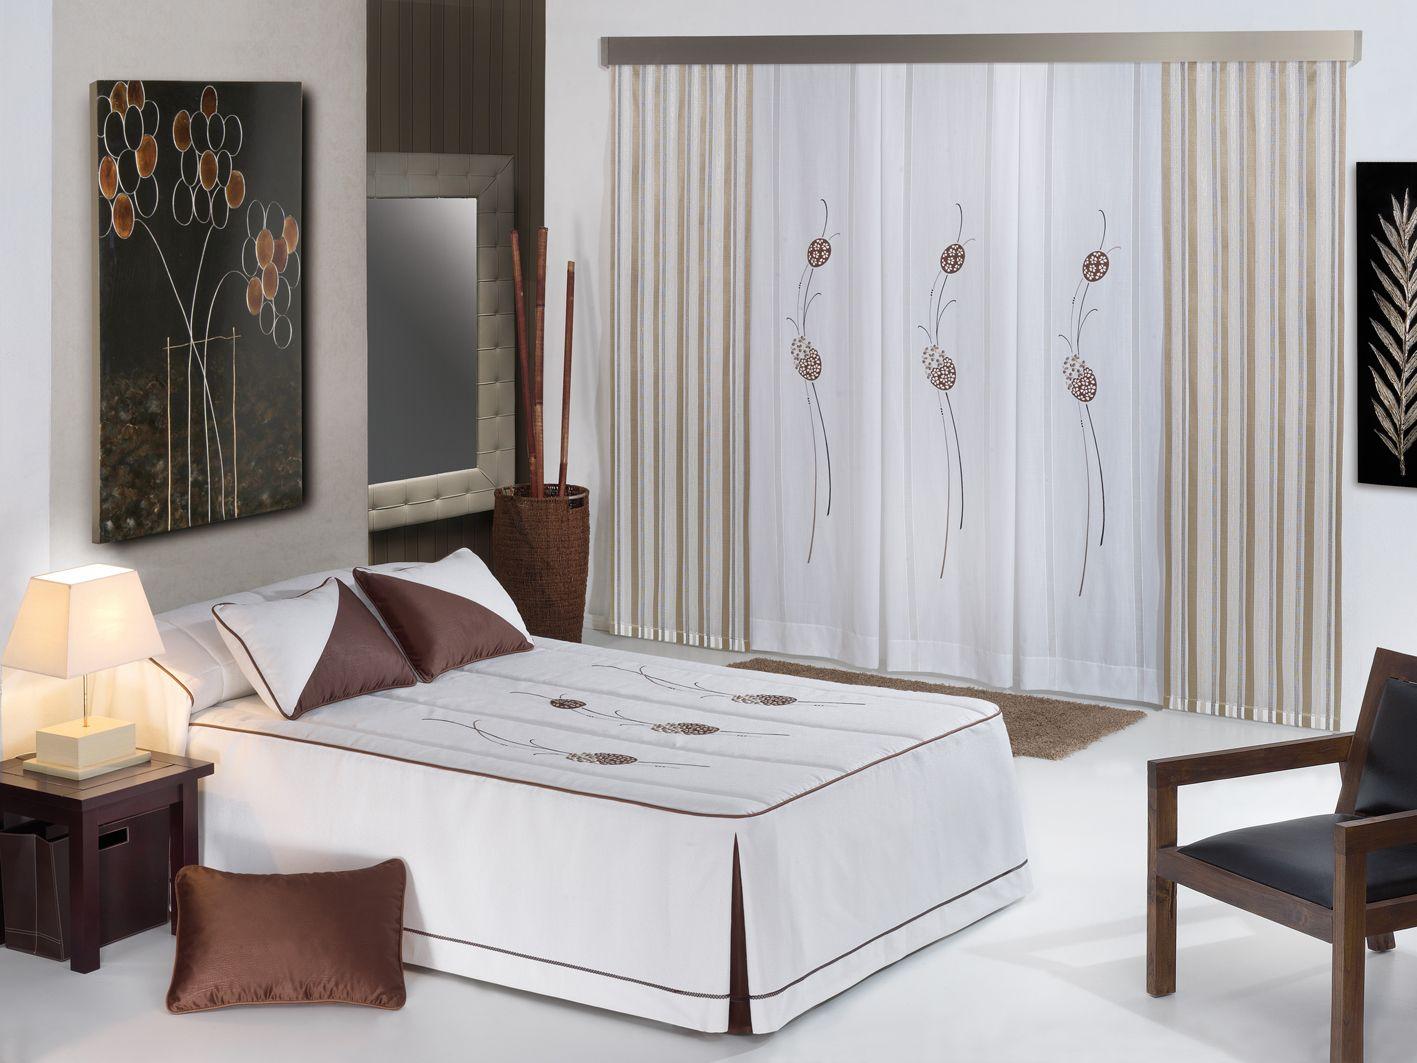 habitacin coordinada colcha edredon y cortina